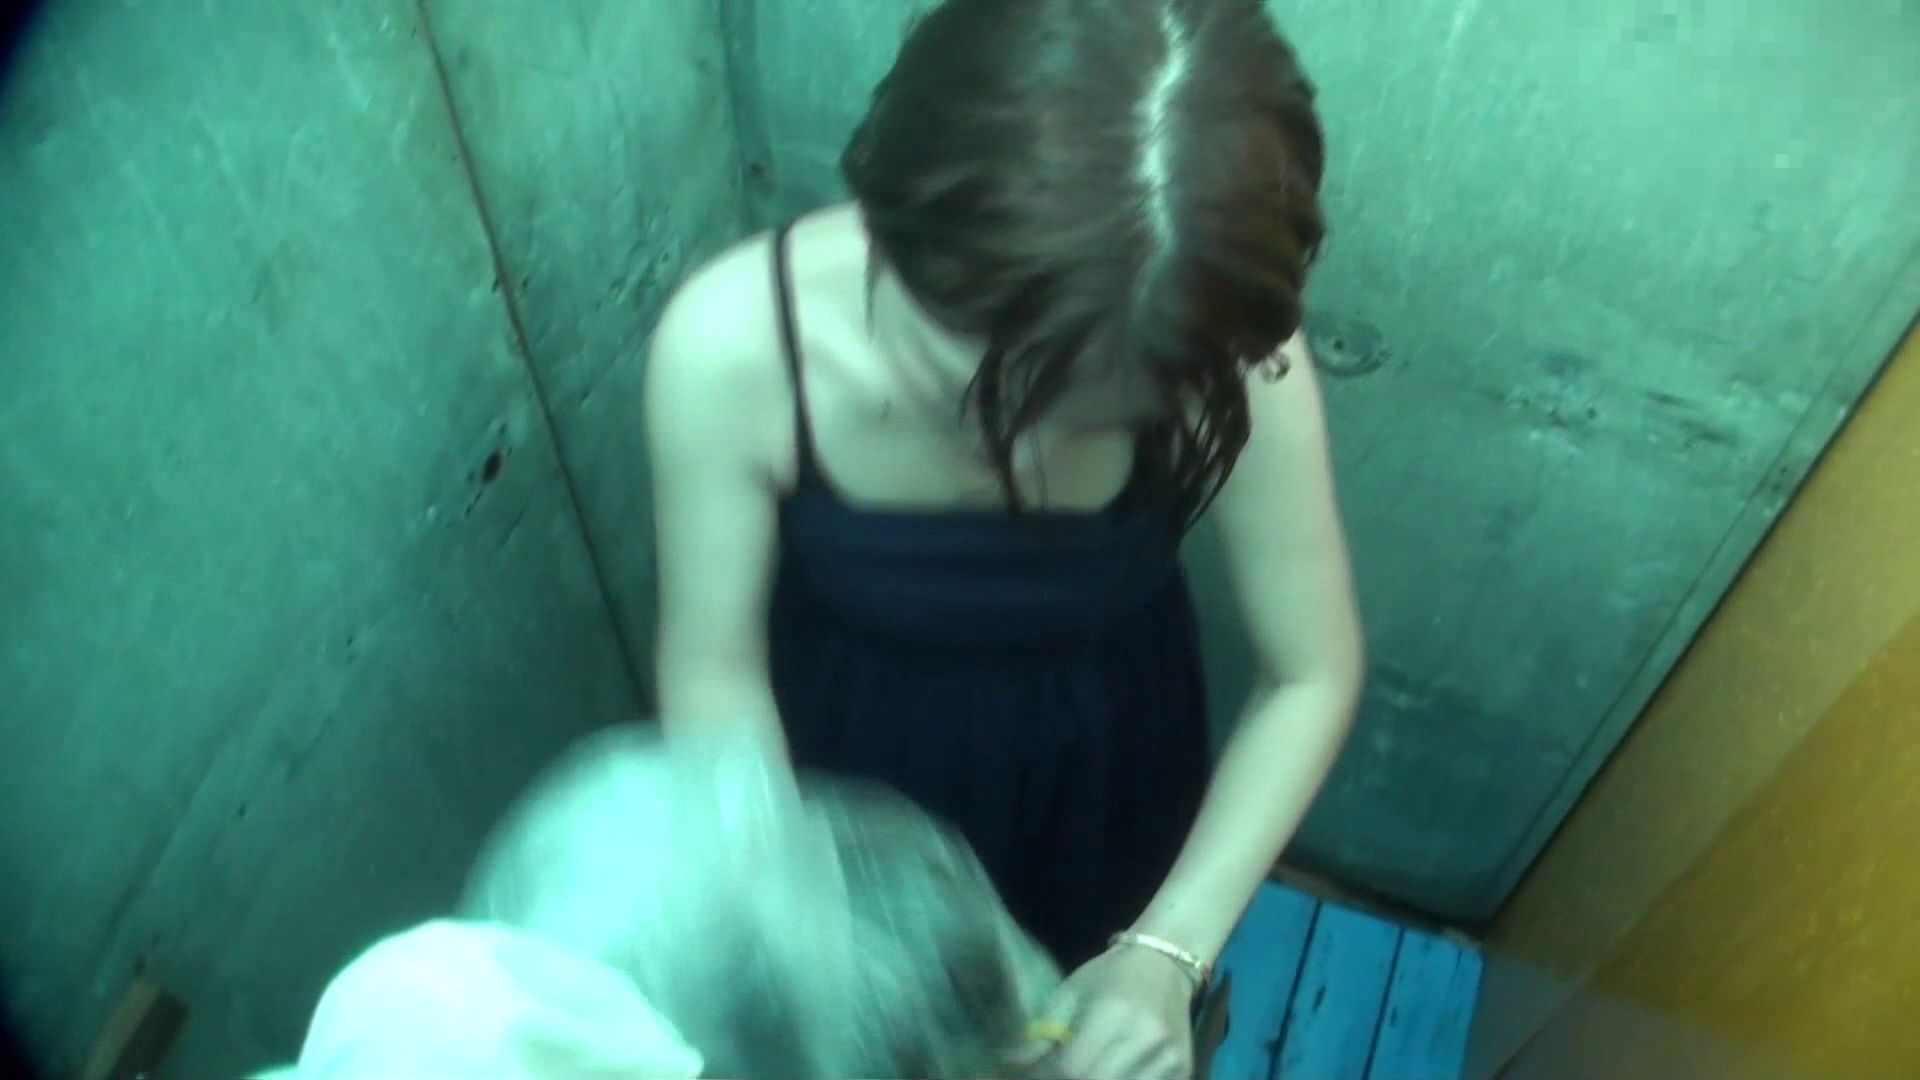 シャワールームは超!!危険な香りVol.12 女性のおまんこには予想外の砂が混入しているようです。 おまんこ無修正  50pic 12